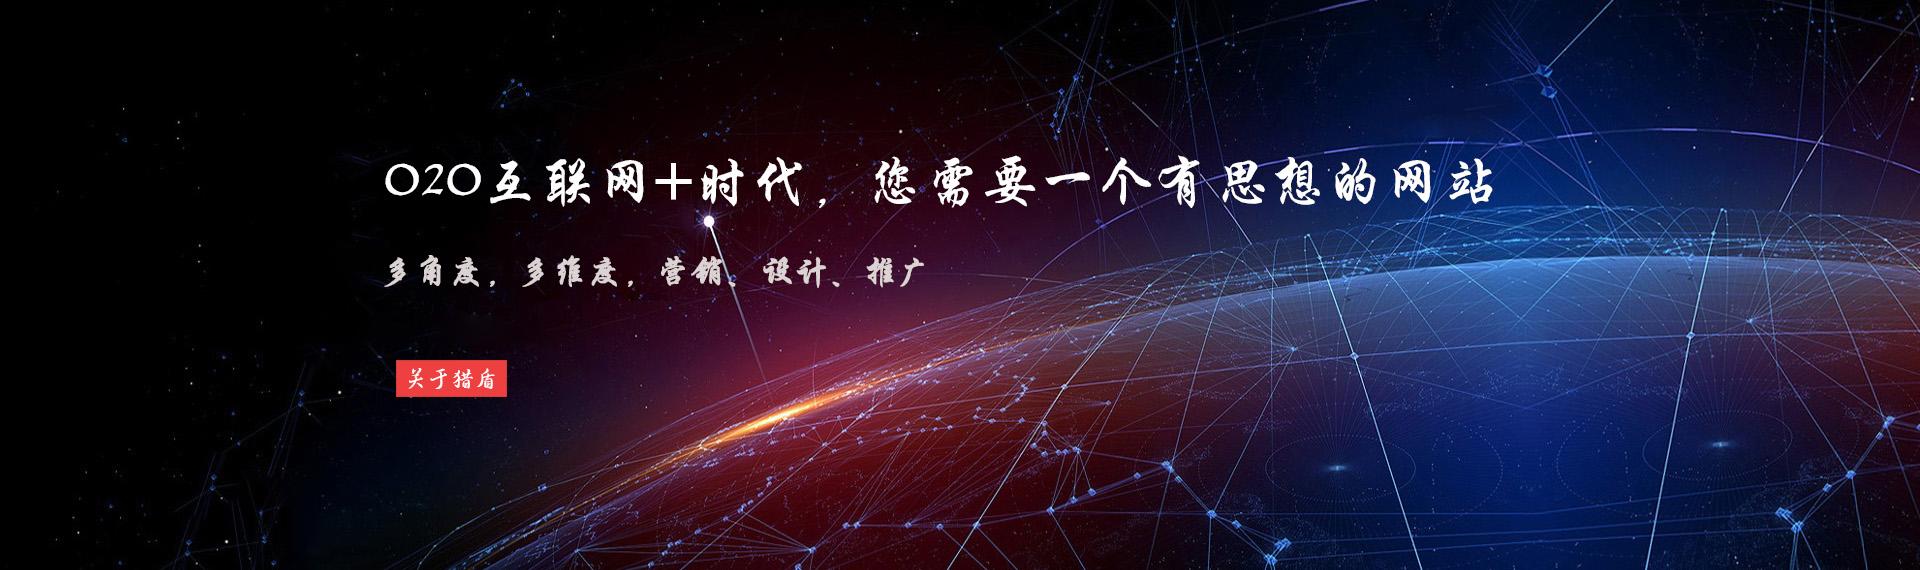 猎盾网络|周口网站建设优化公司